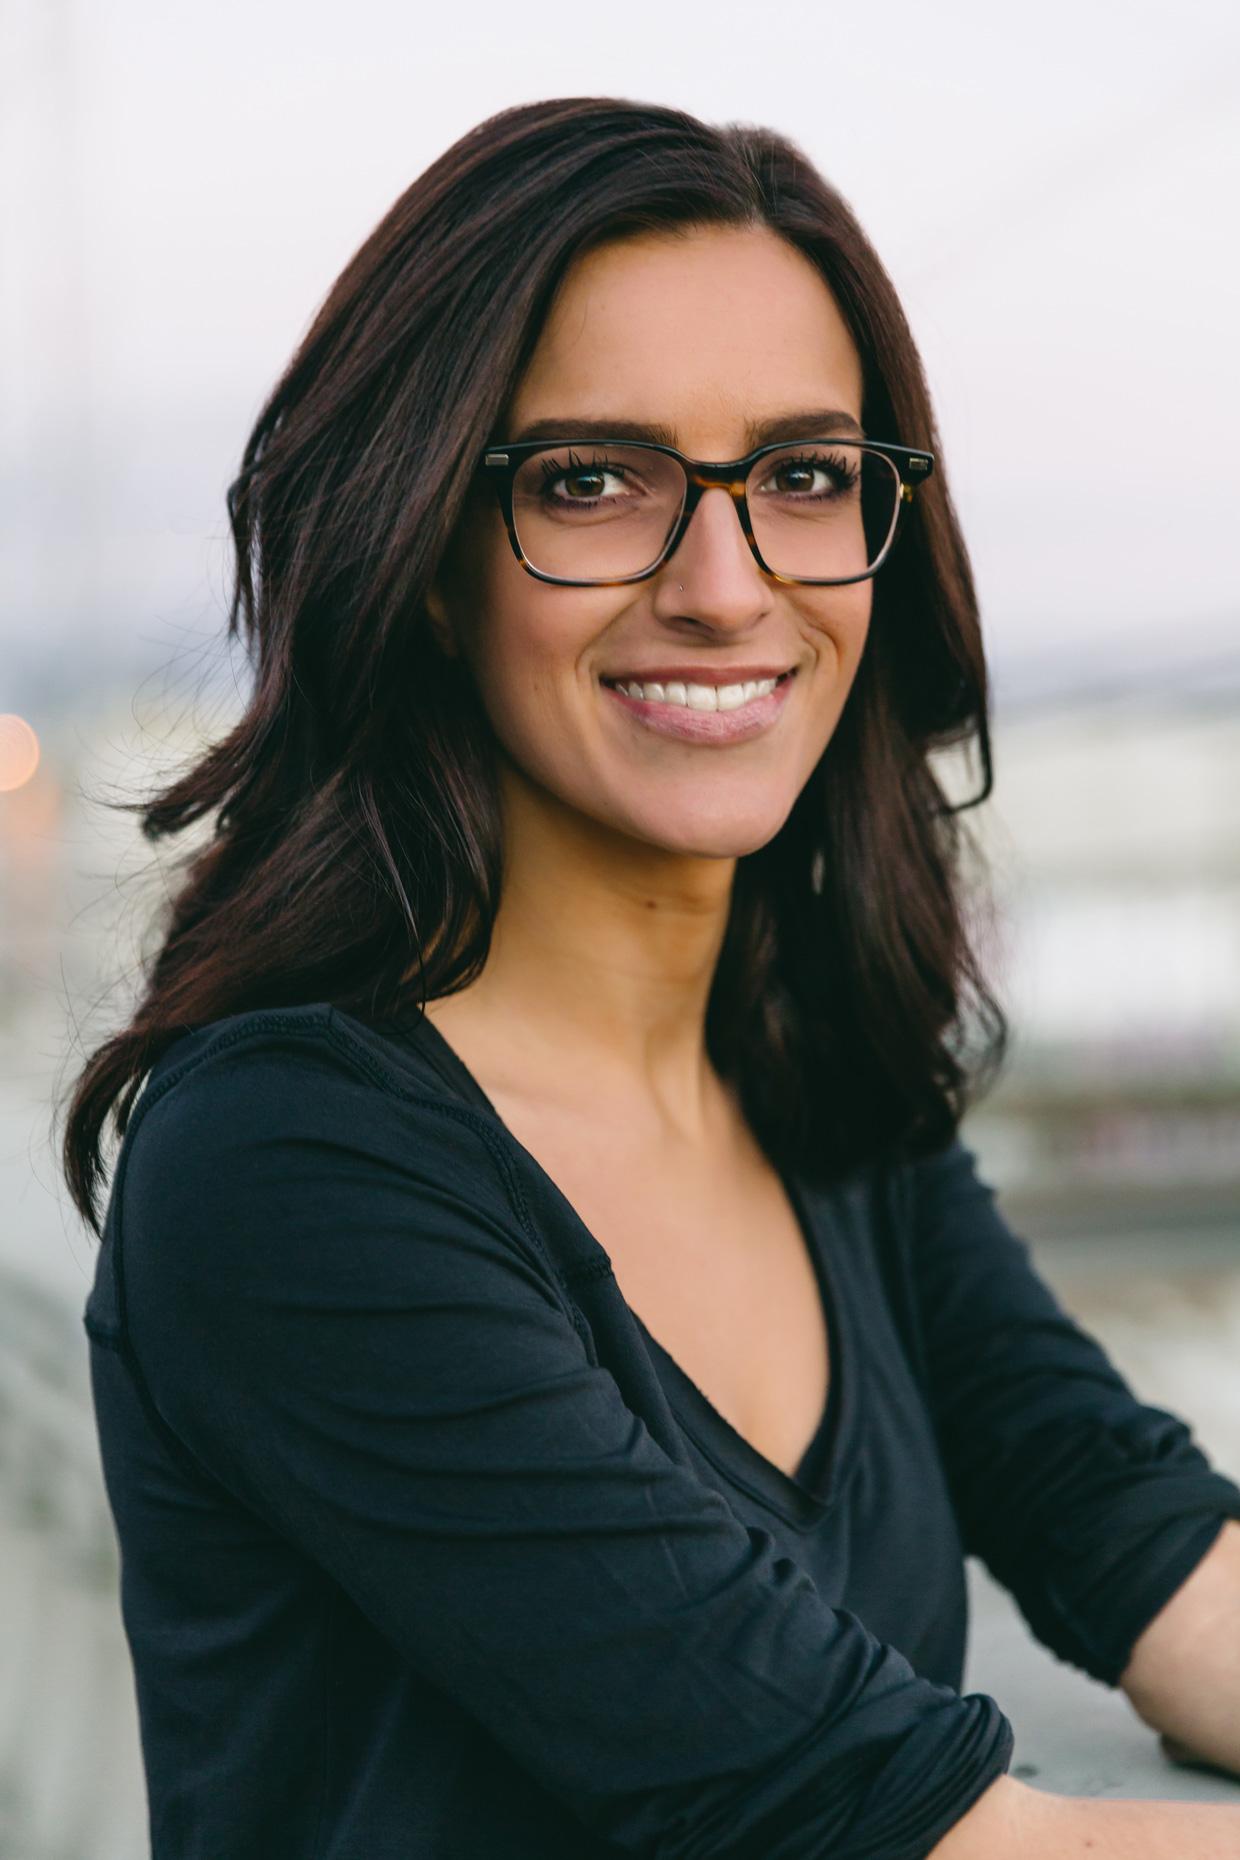 Sarah Schachner